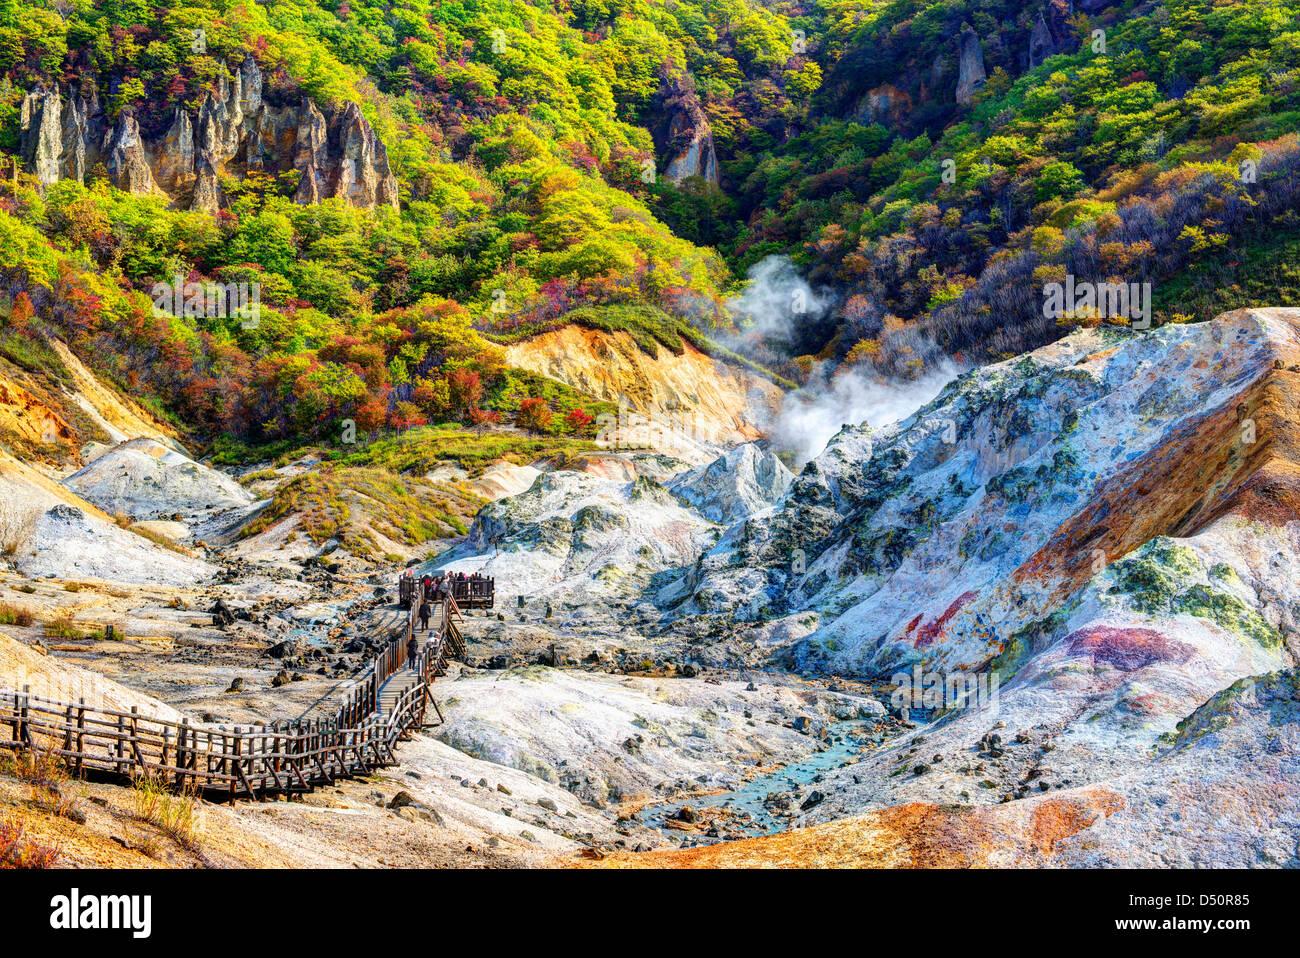 Hell Valley in Noboribetsu, Hokkaido, JP. - Stock Image